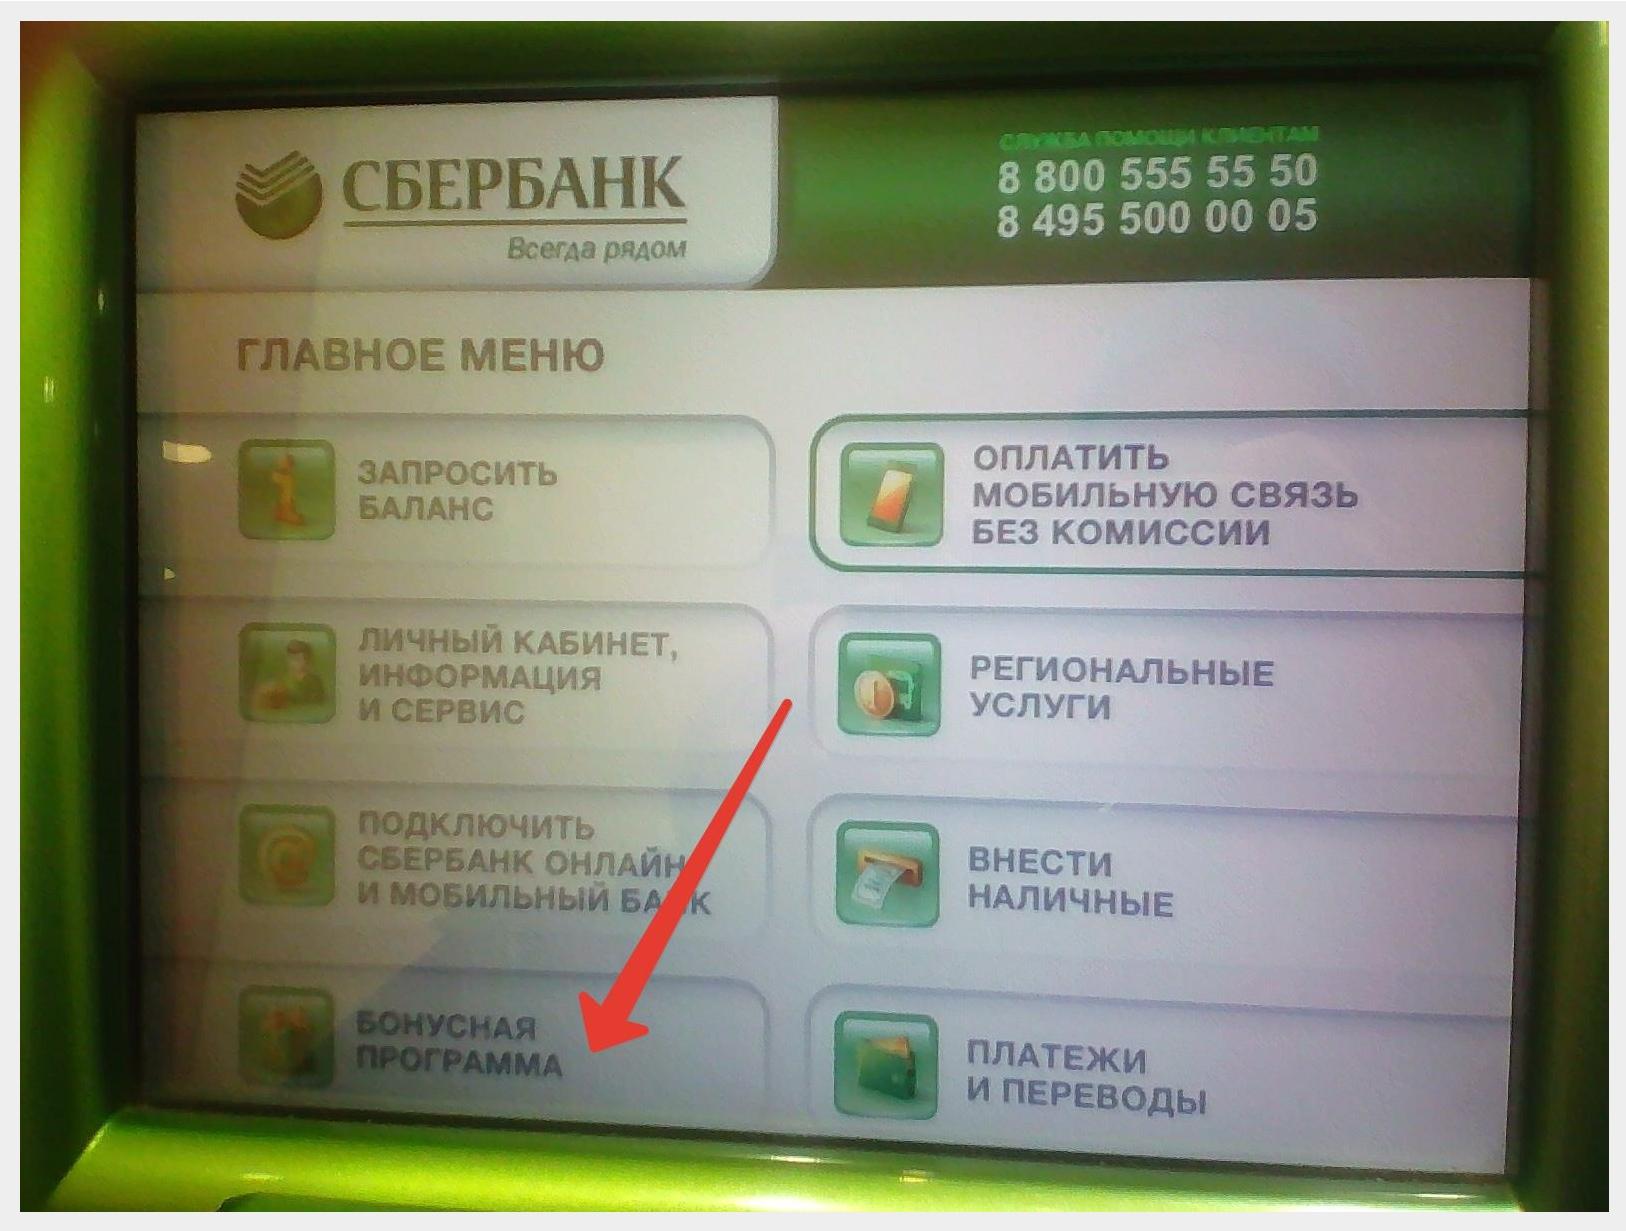 Узнаем остаток бонусов через терминалы и банкоматы